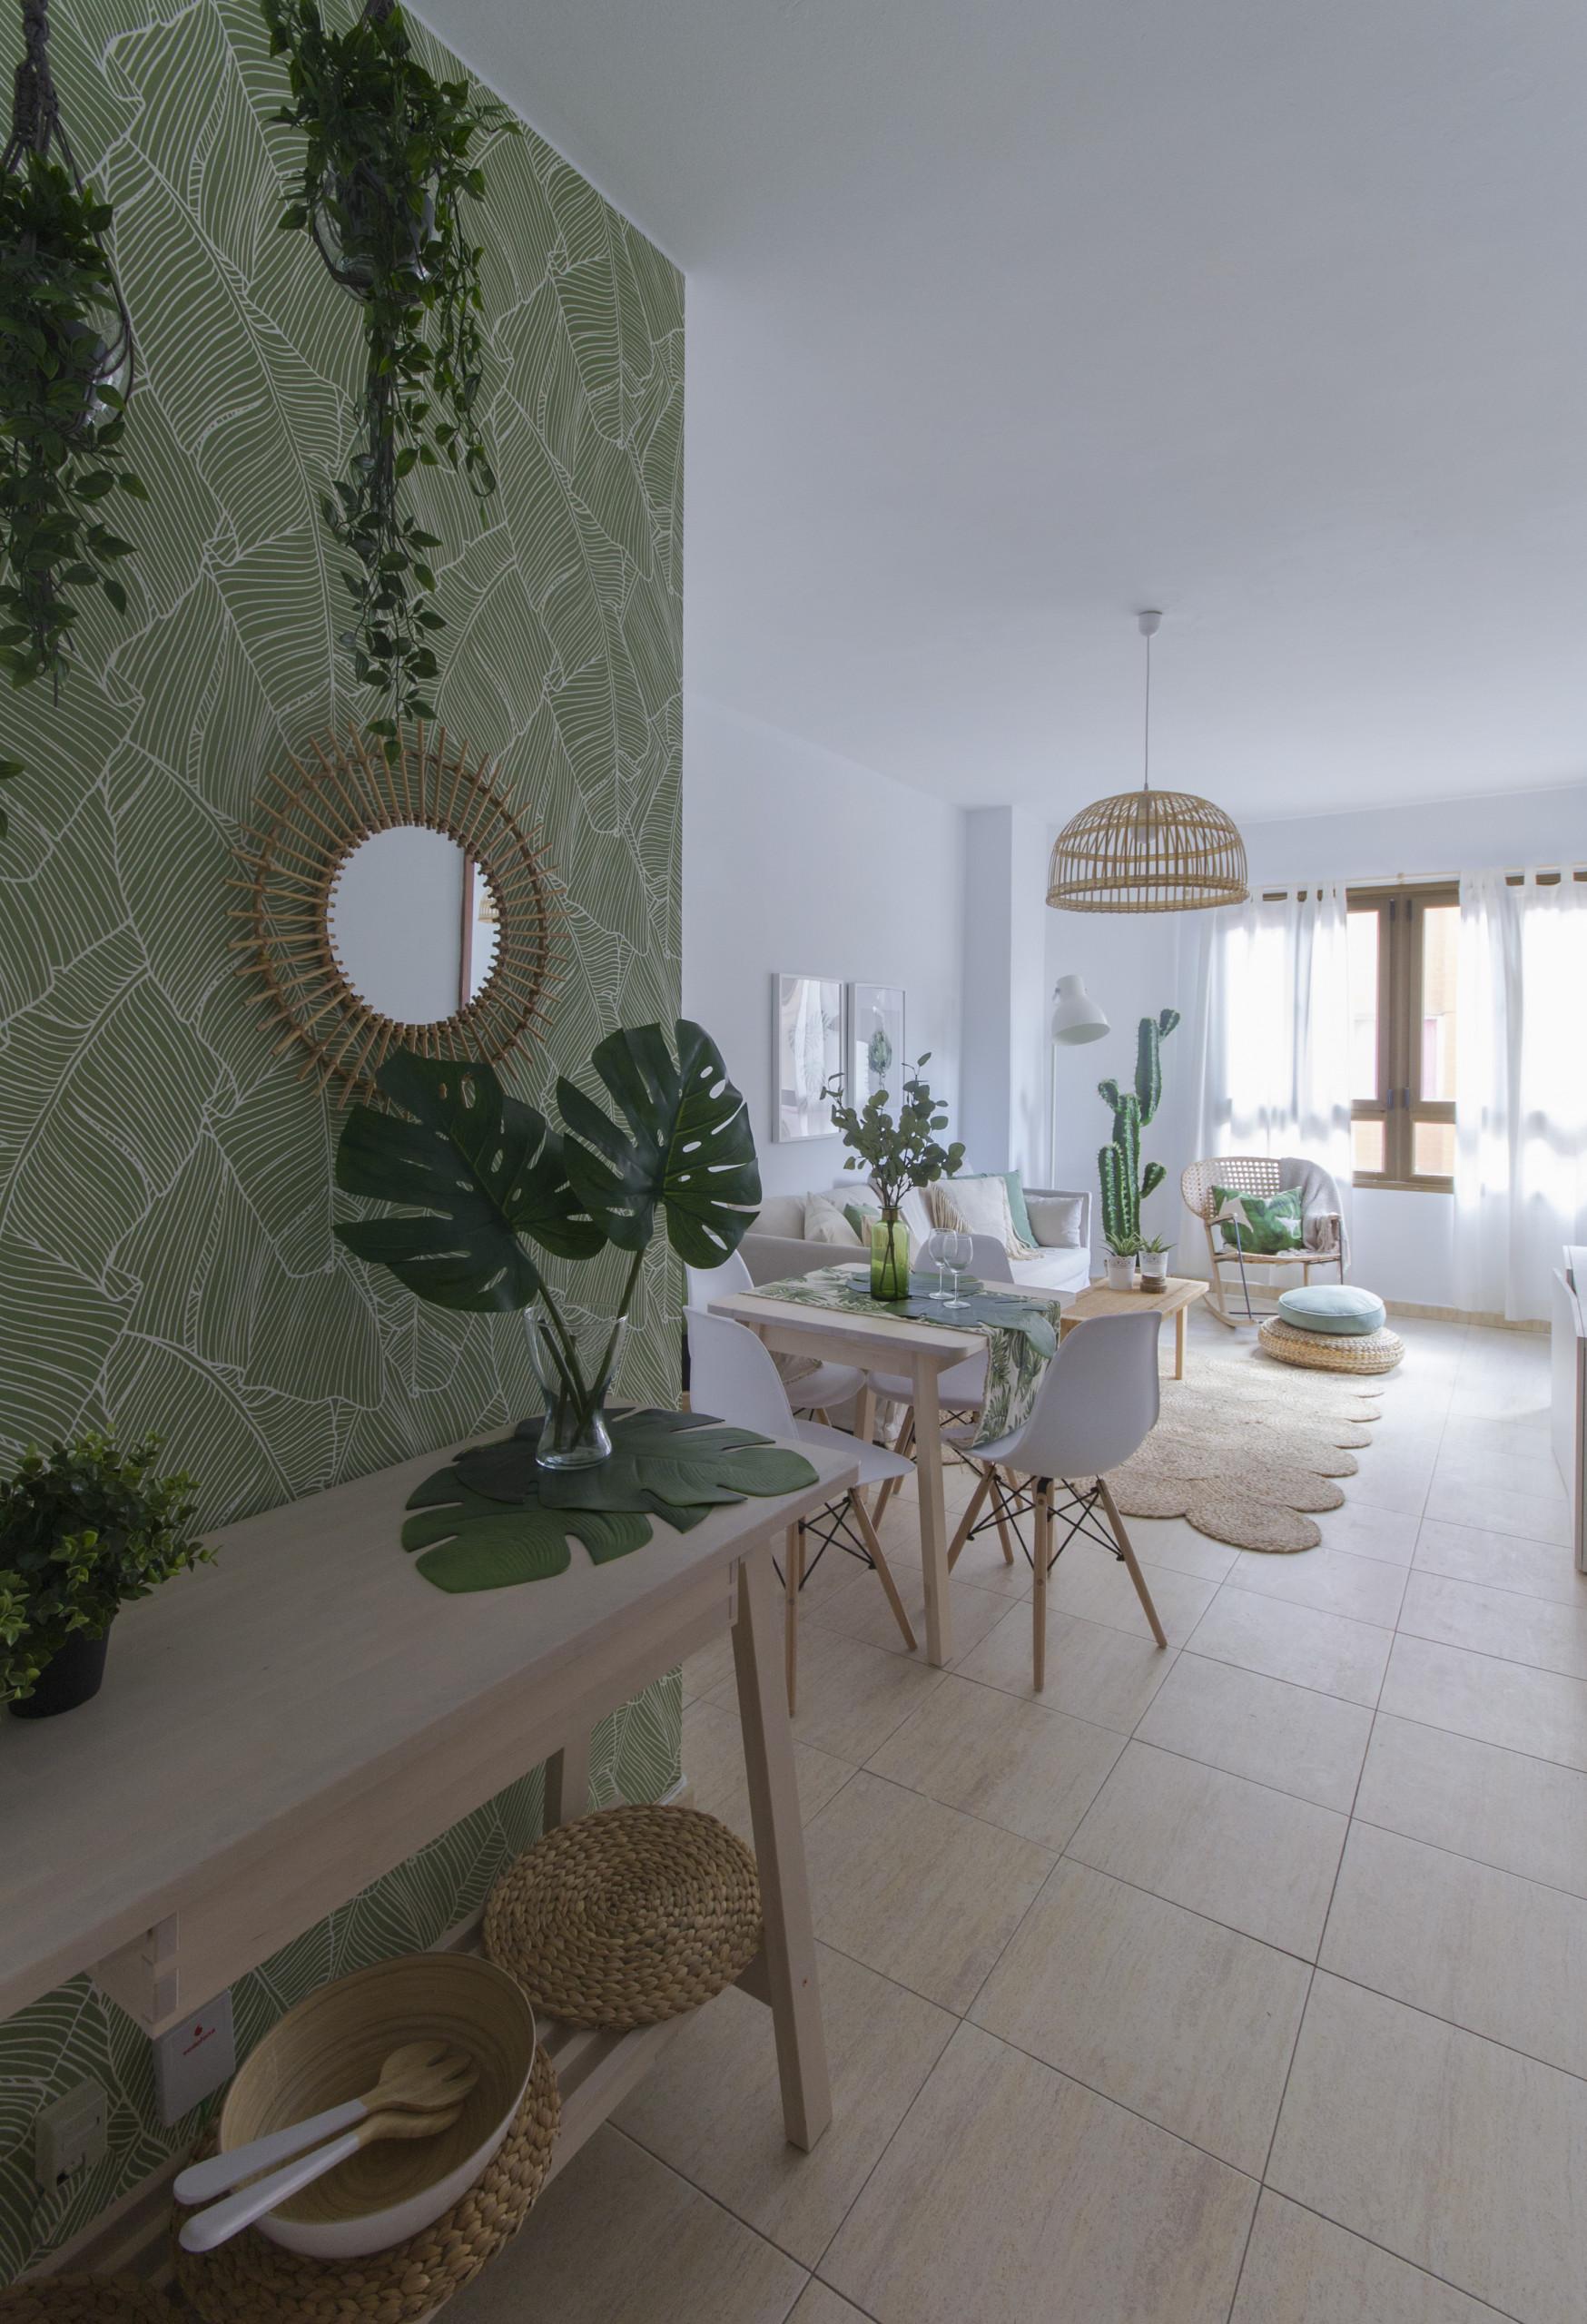 Apartamentos en las palmas de gran canaria amplio apartamento con belleza natural junto a la - Apartamento en las palmas de gran canaria ...